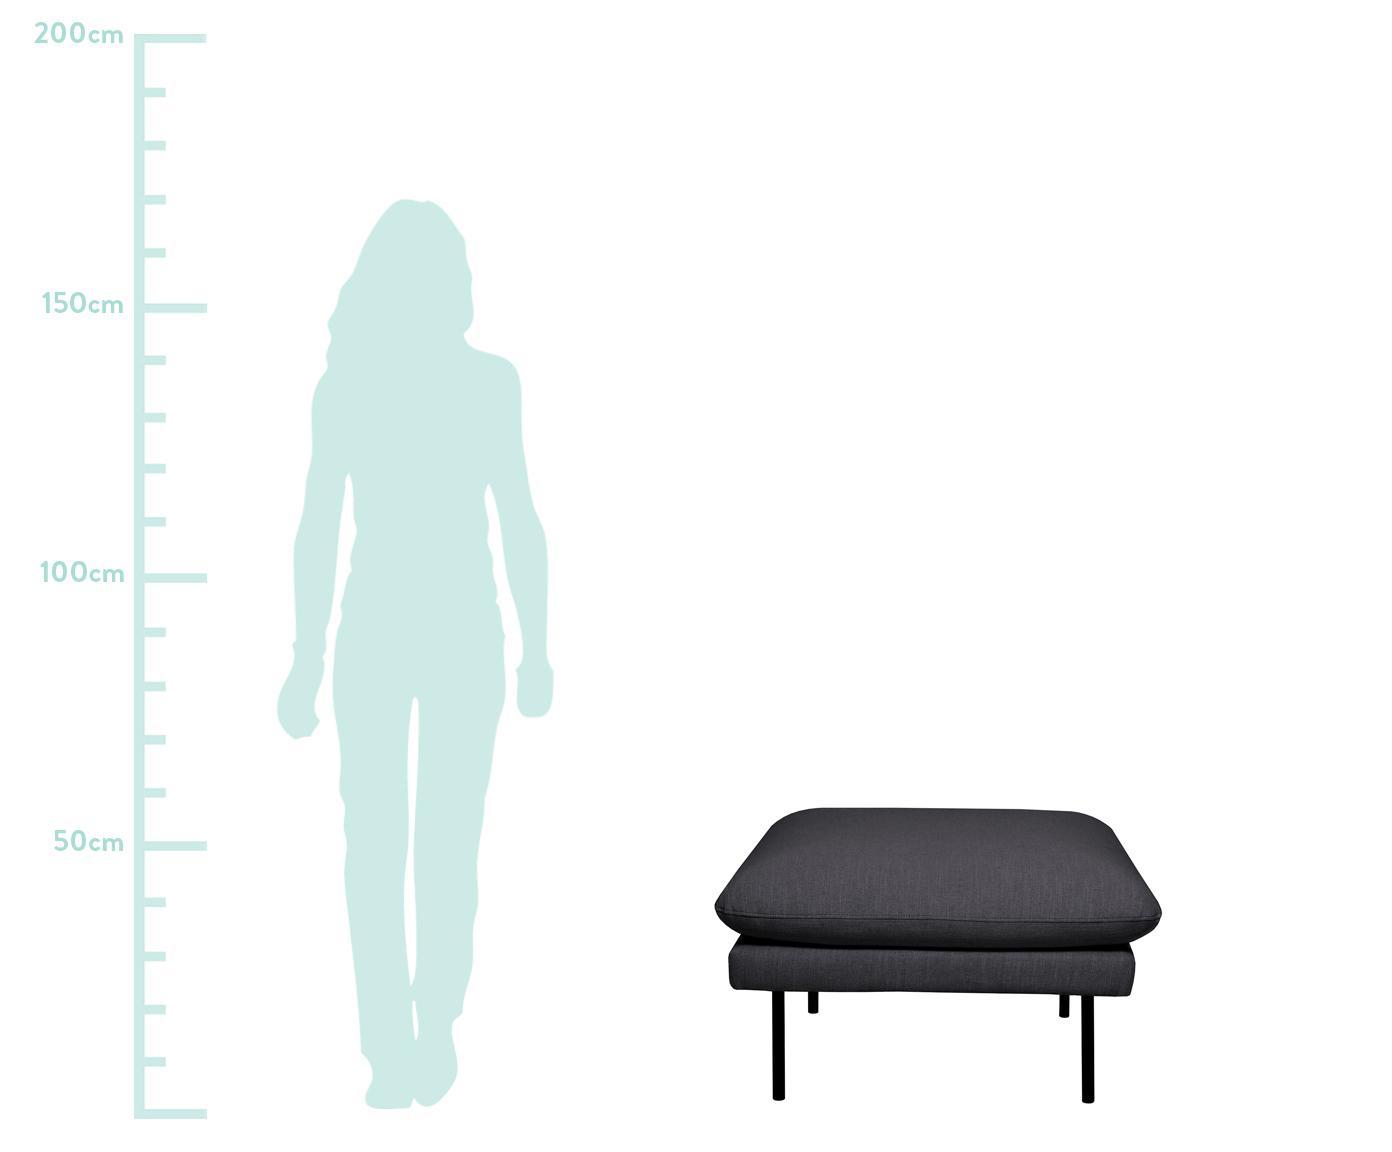 Sofa-Hocker Moby, Bezug: Polyester 60.000 Scheuert, Gestell: Massives Kiefernholz, Füße: Metall, pulverbeschichtet, Webstoff Dunkelgrau, 78 x 48 cm